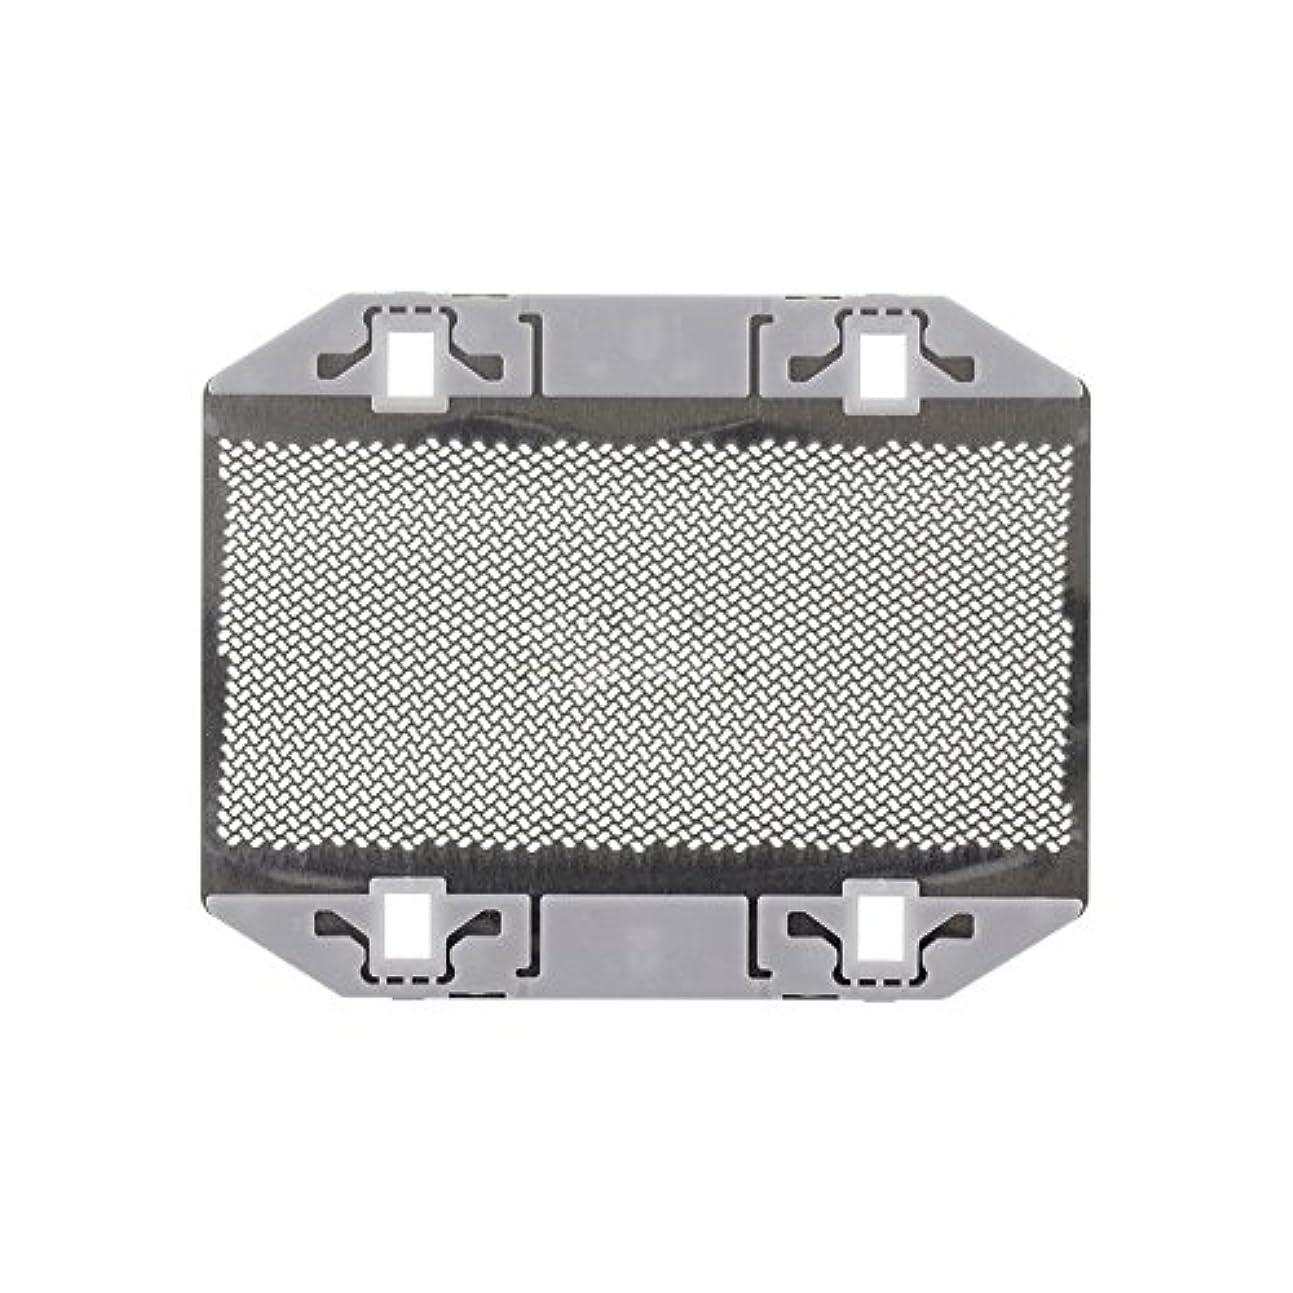 乳製品ガレージ機械的にHzjundasi シェーバーパーツ 部品 外刃 ロータリー式シェーバー替刃 耐用 高質量 for Panasonic ES9943 ES3042 ES3801 ES3750 ES365 ES366